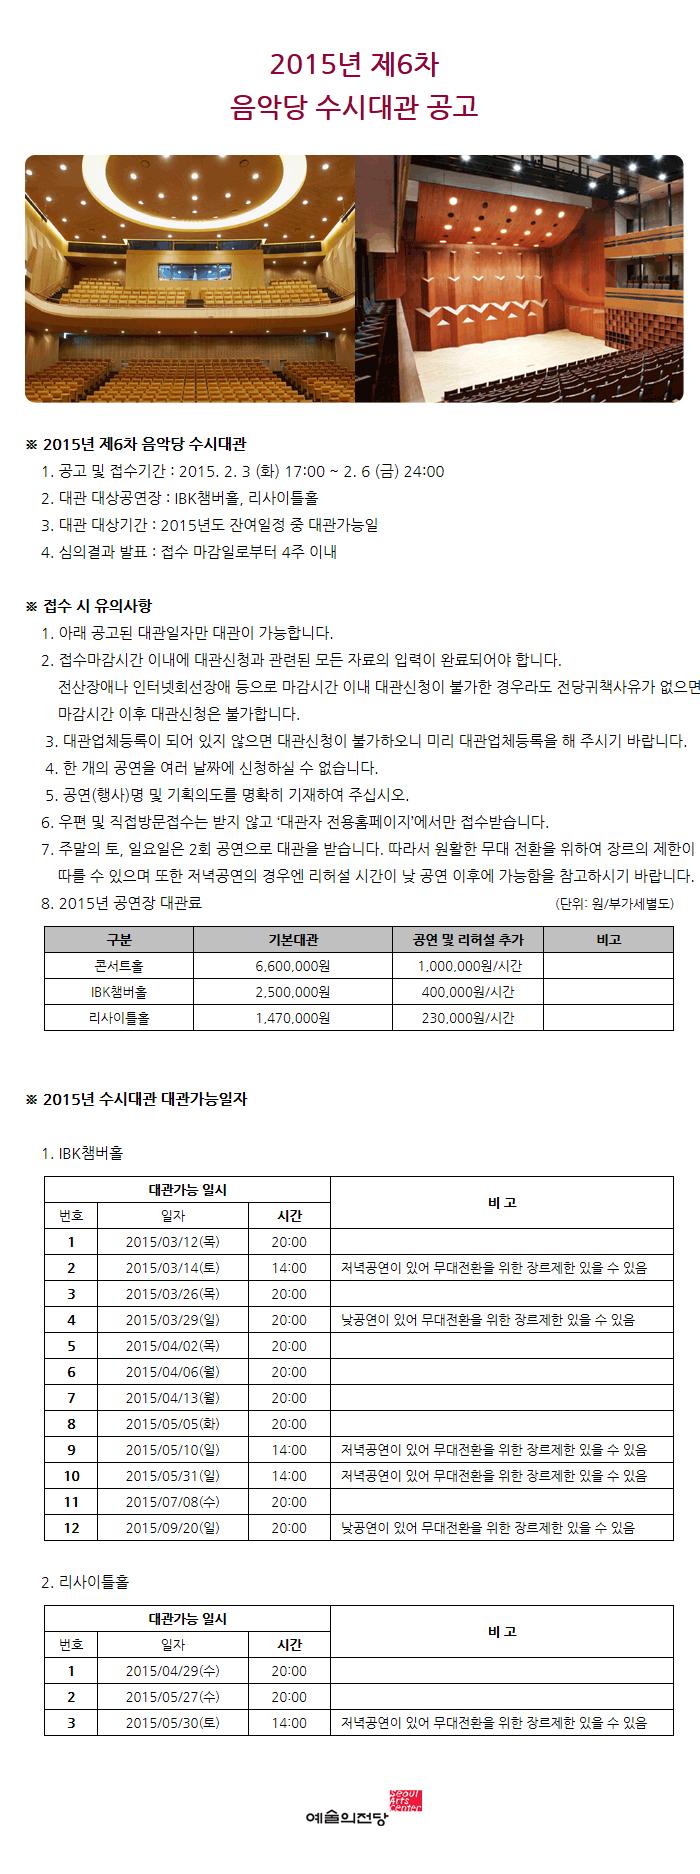 2015년 제6차 음악당 수시대관 공고